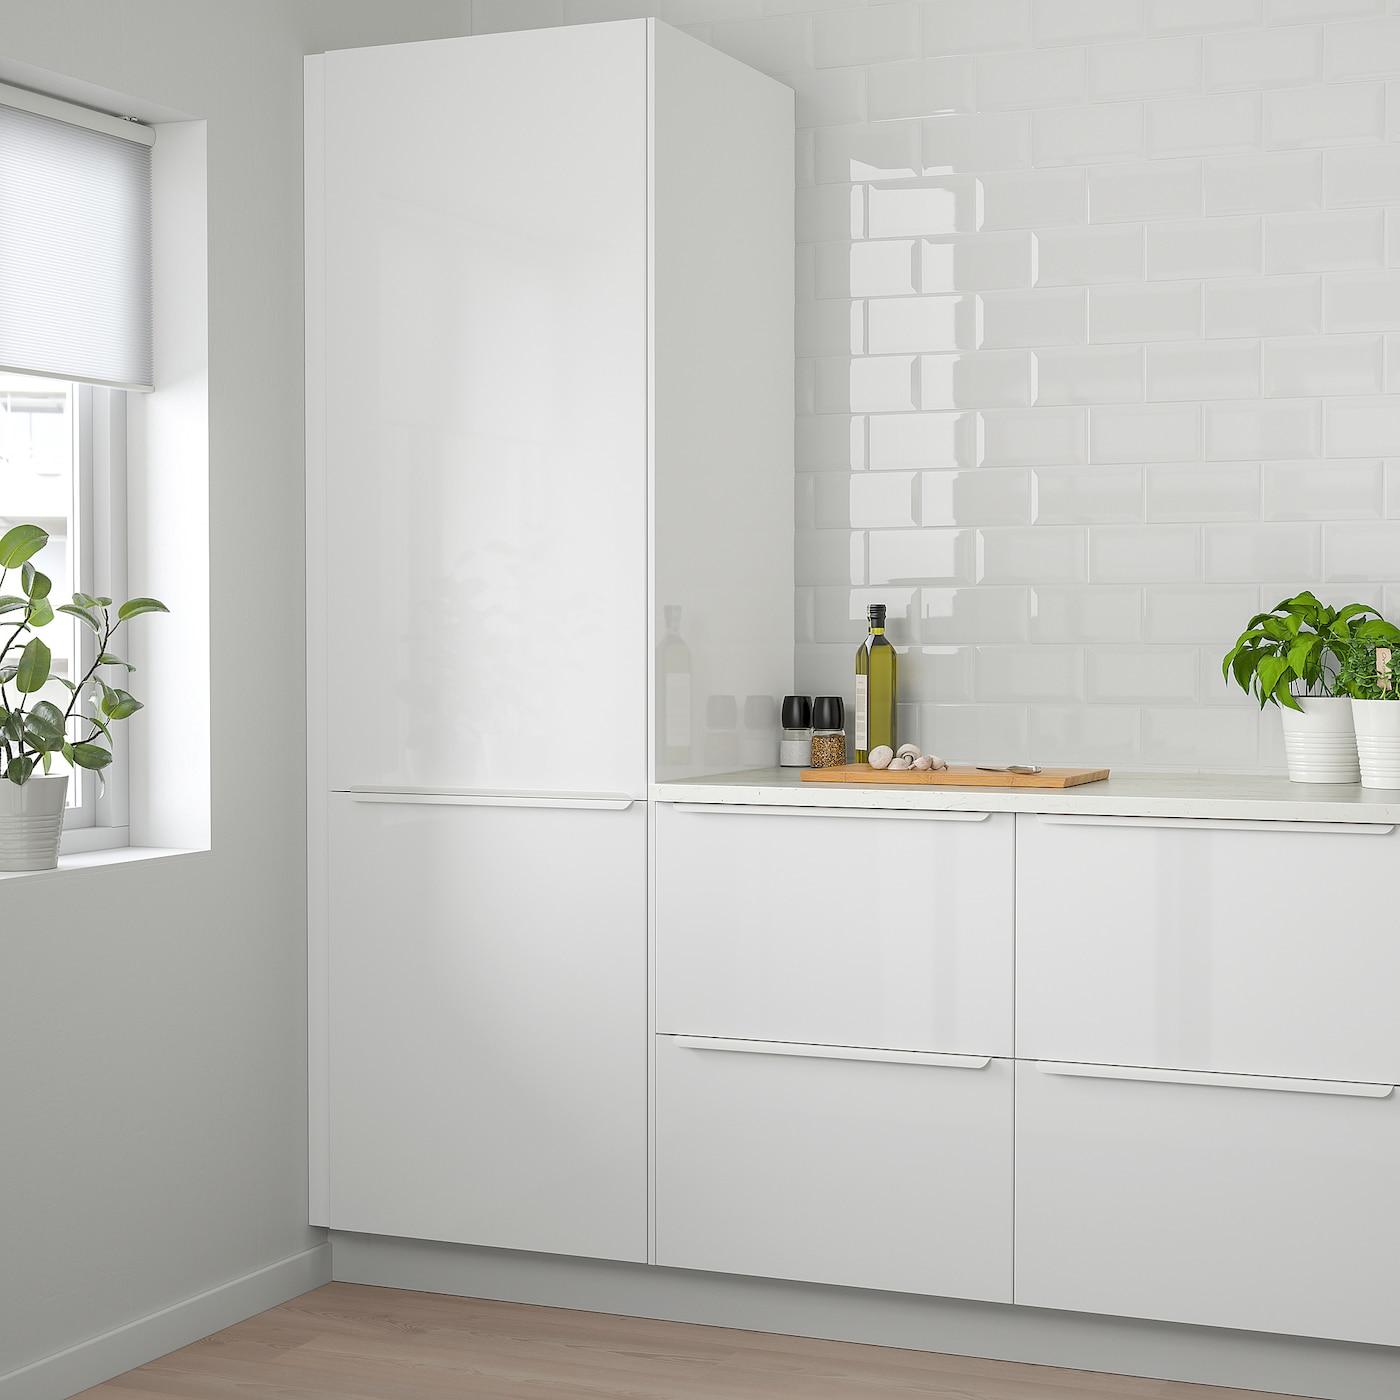 Kitchen Cabinets Gloss White